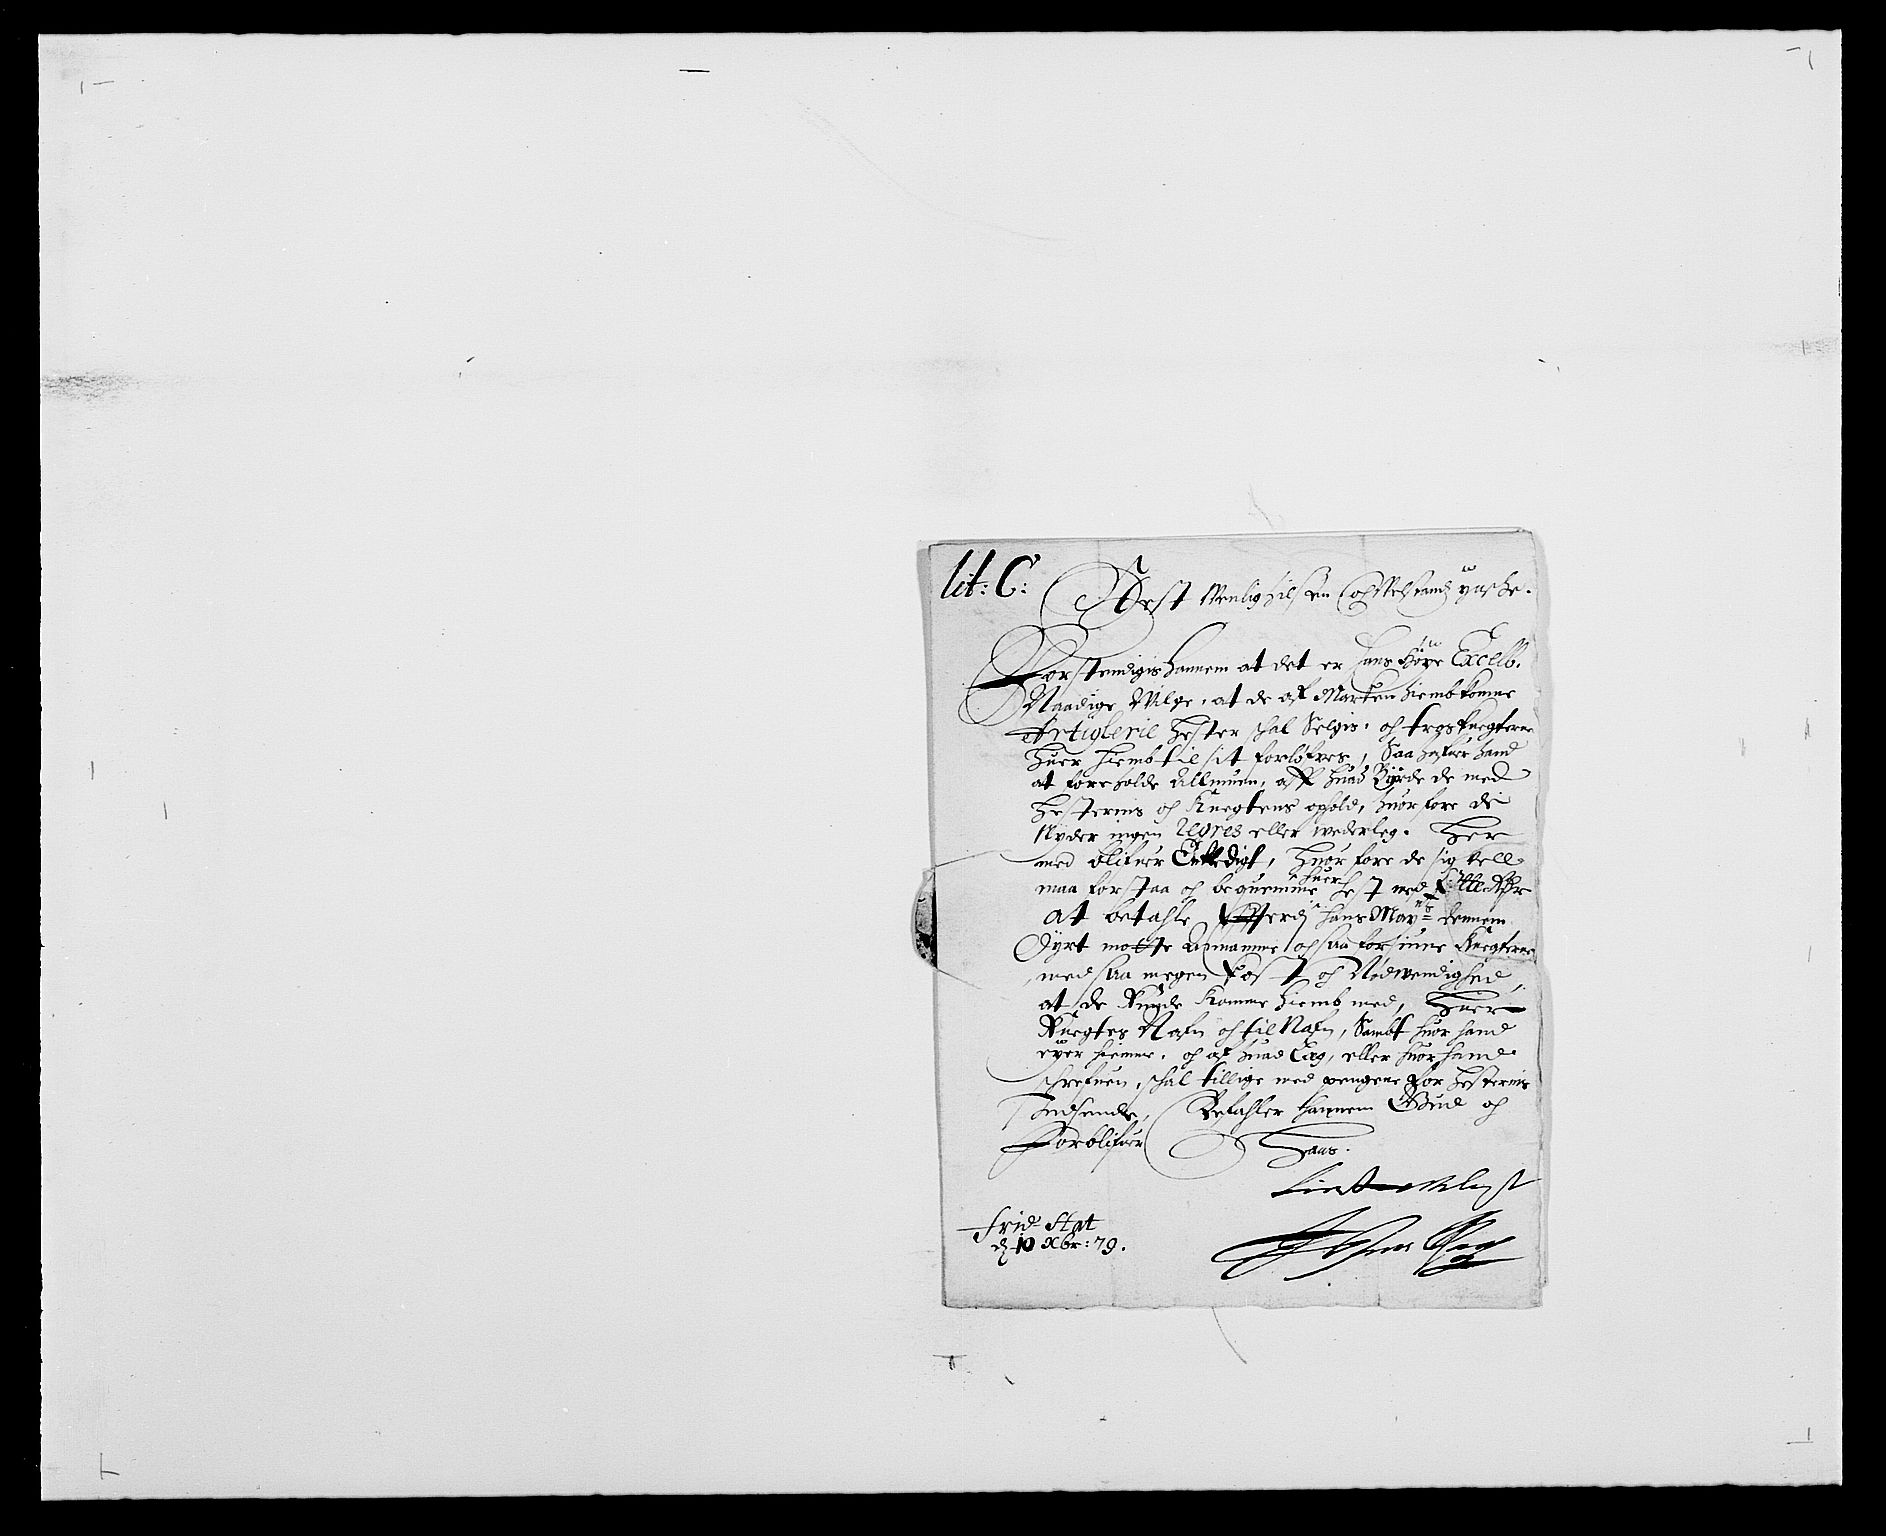 RA, Rentekammeret inntil 1814, Reviderte regnskaper, Fogderegnskap, R24/L1569: Fogderegnskap Numedal og Sandsvær, 1679-1686, s. 164